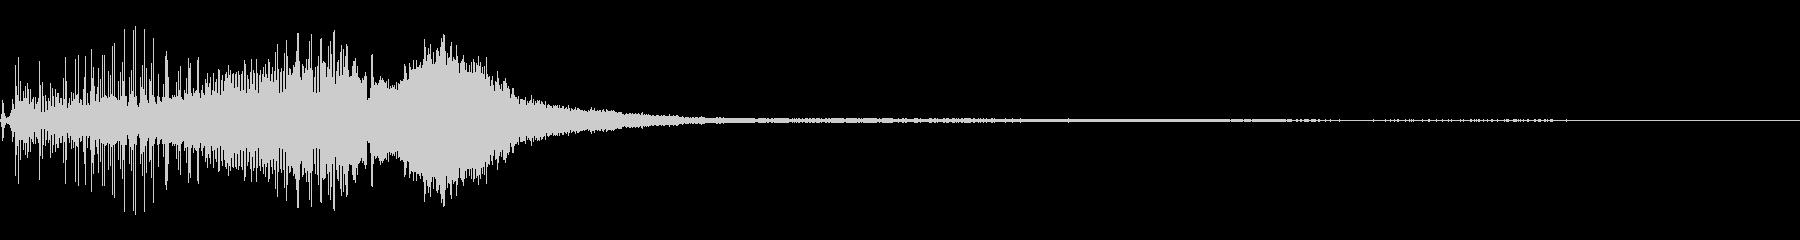 ヤマハ600:スタート、高速スノー...の未再生の波形